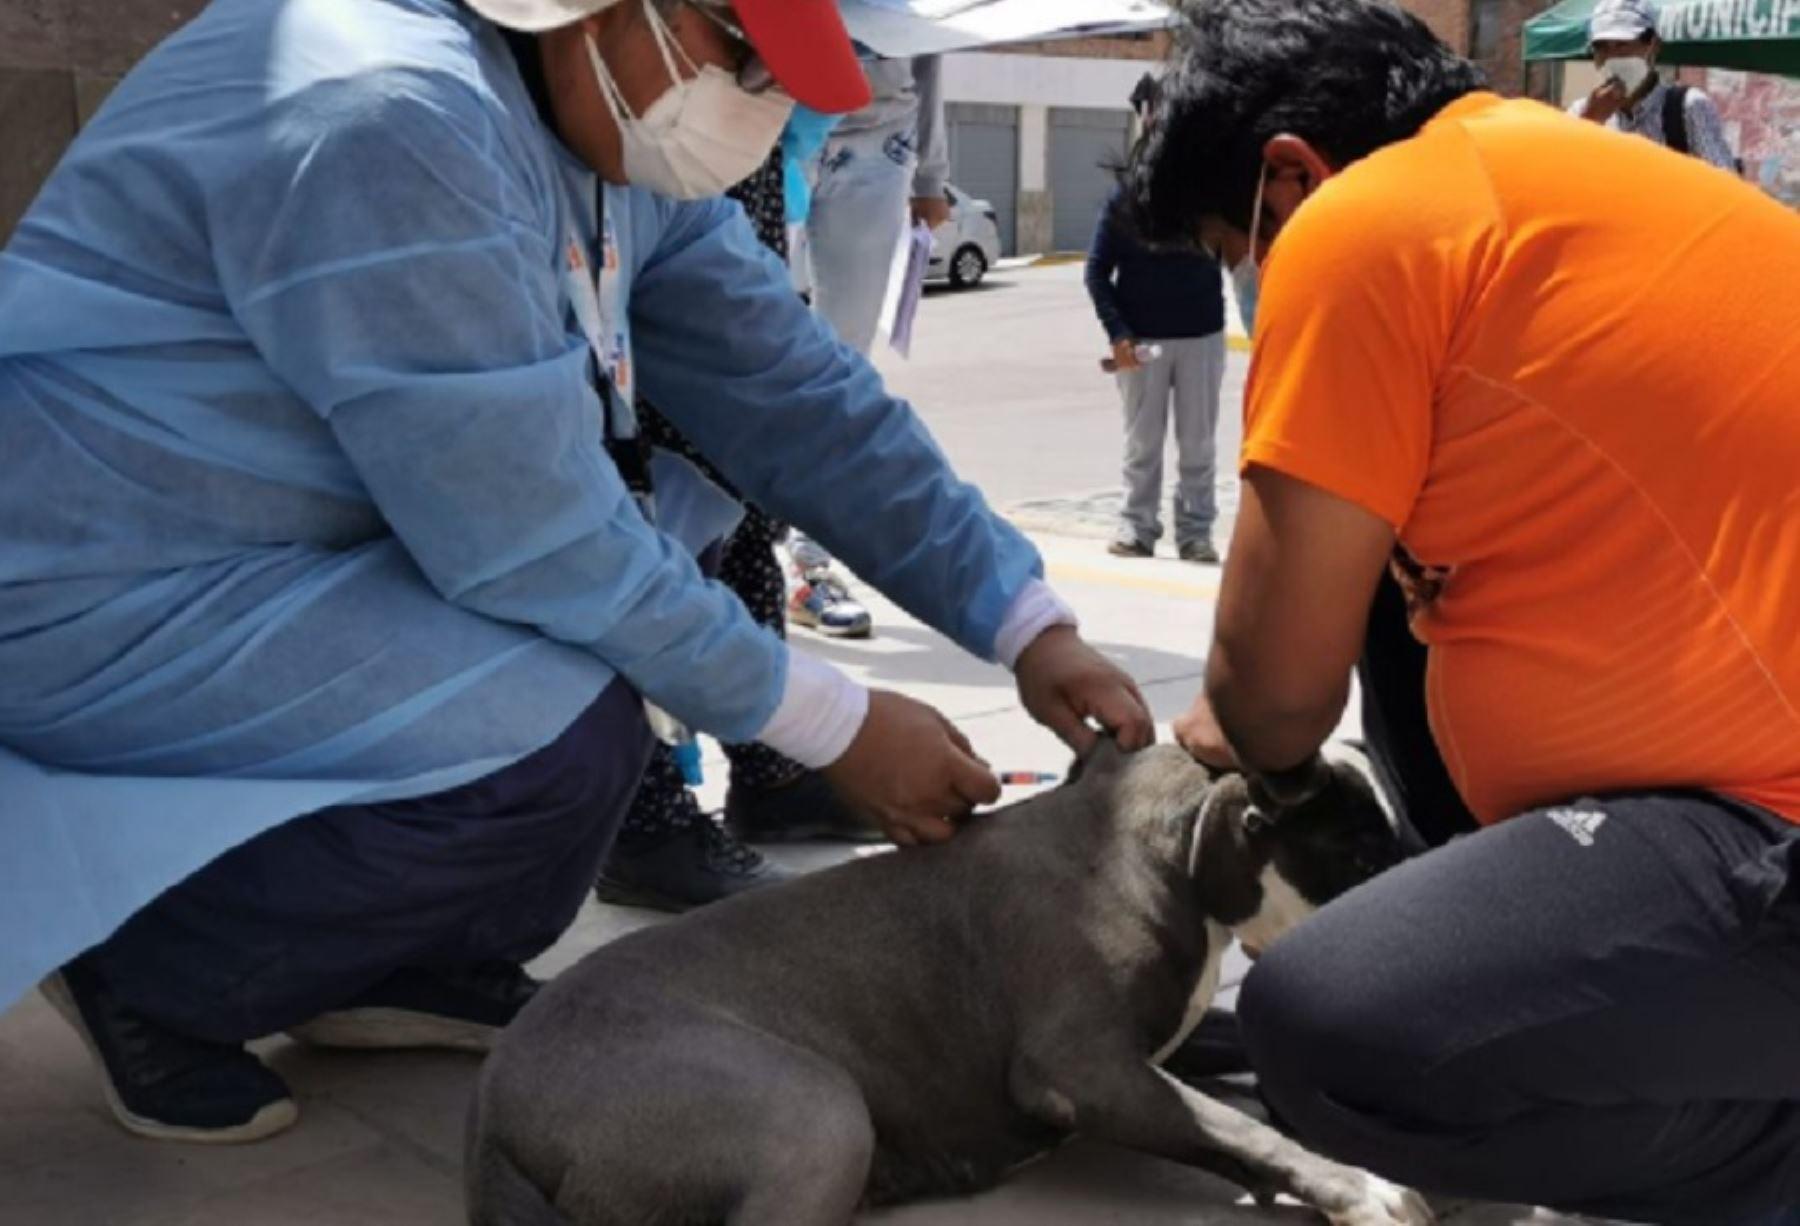 CONOCE AQUÍ LOS PUNTOS DE VACUNACIÓN DEL VANCAN. Este sábado inicia Vacunación Antirrábica Canina en Arequipa